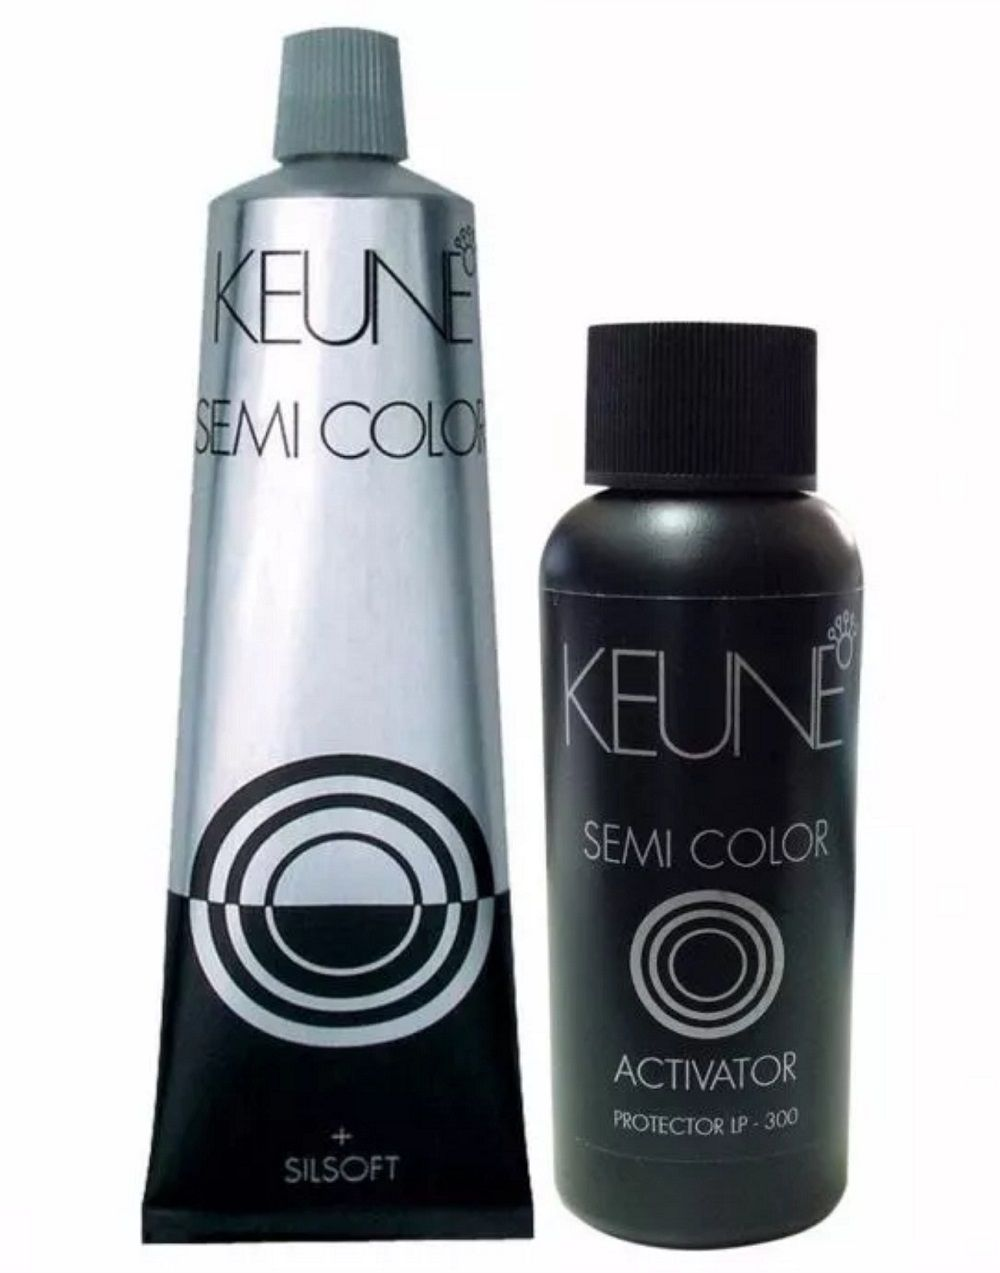 Kit Keune Semi Color 60ml - Cor 10.31 - Louro Extra Claro Dourado Cinza + Ativador 60ml